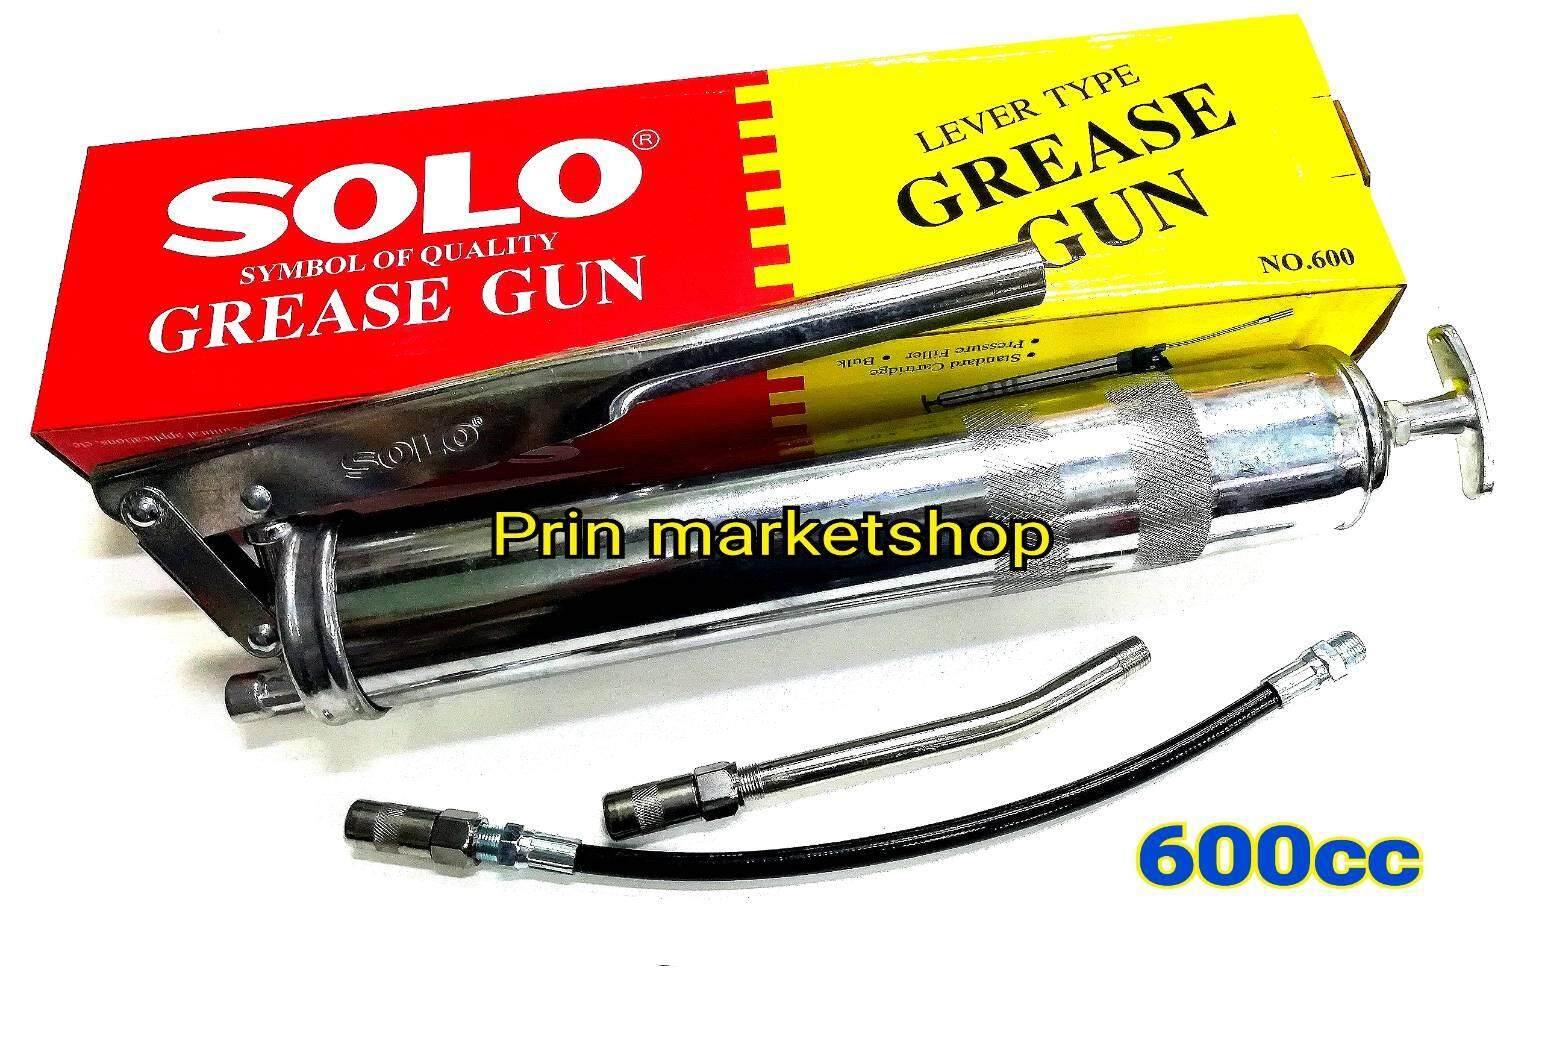 กระบอกอัดจารบี SOLO 600 ซีซี + ก้าน และ สายอ่อนอัดจารบี